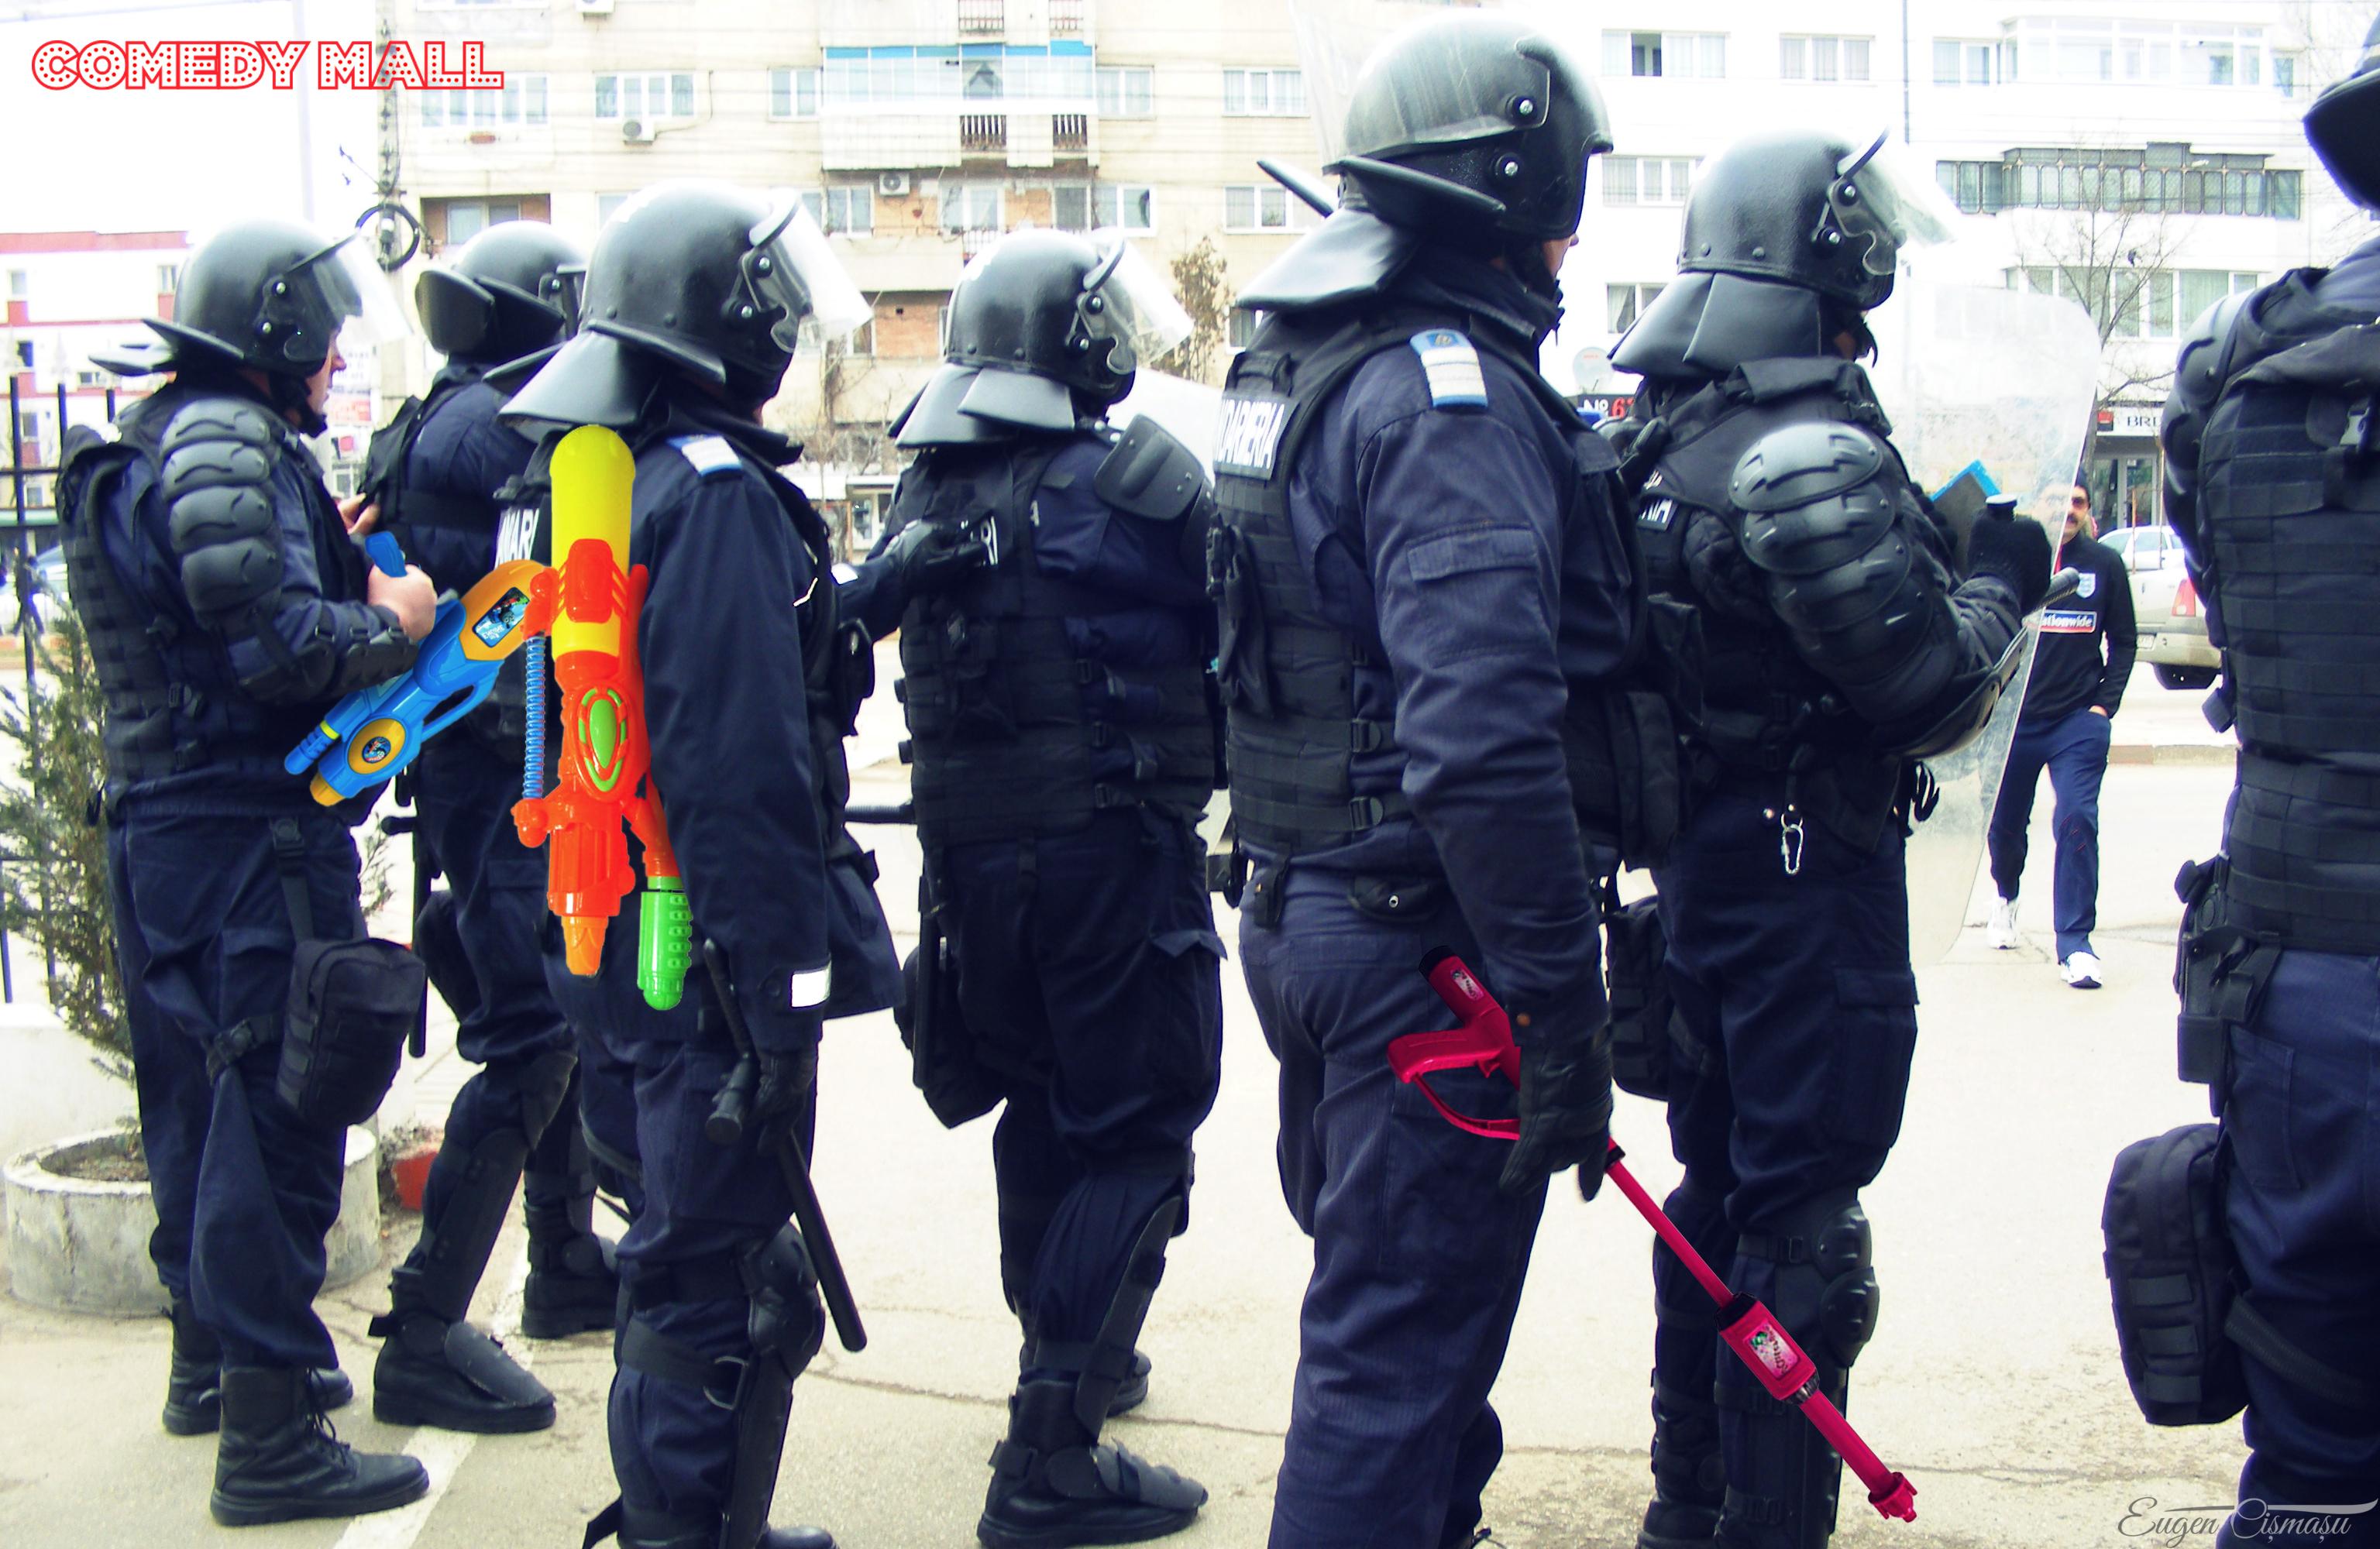 Jandarmii sunt pregătiţi pentru luptă în Piaţa Victoriei: azi trag cu aghiasmă pentru scos dracii din manifestanţi!